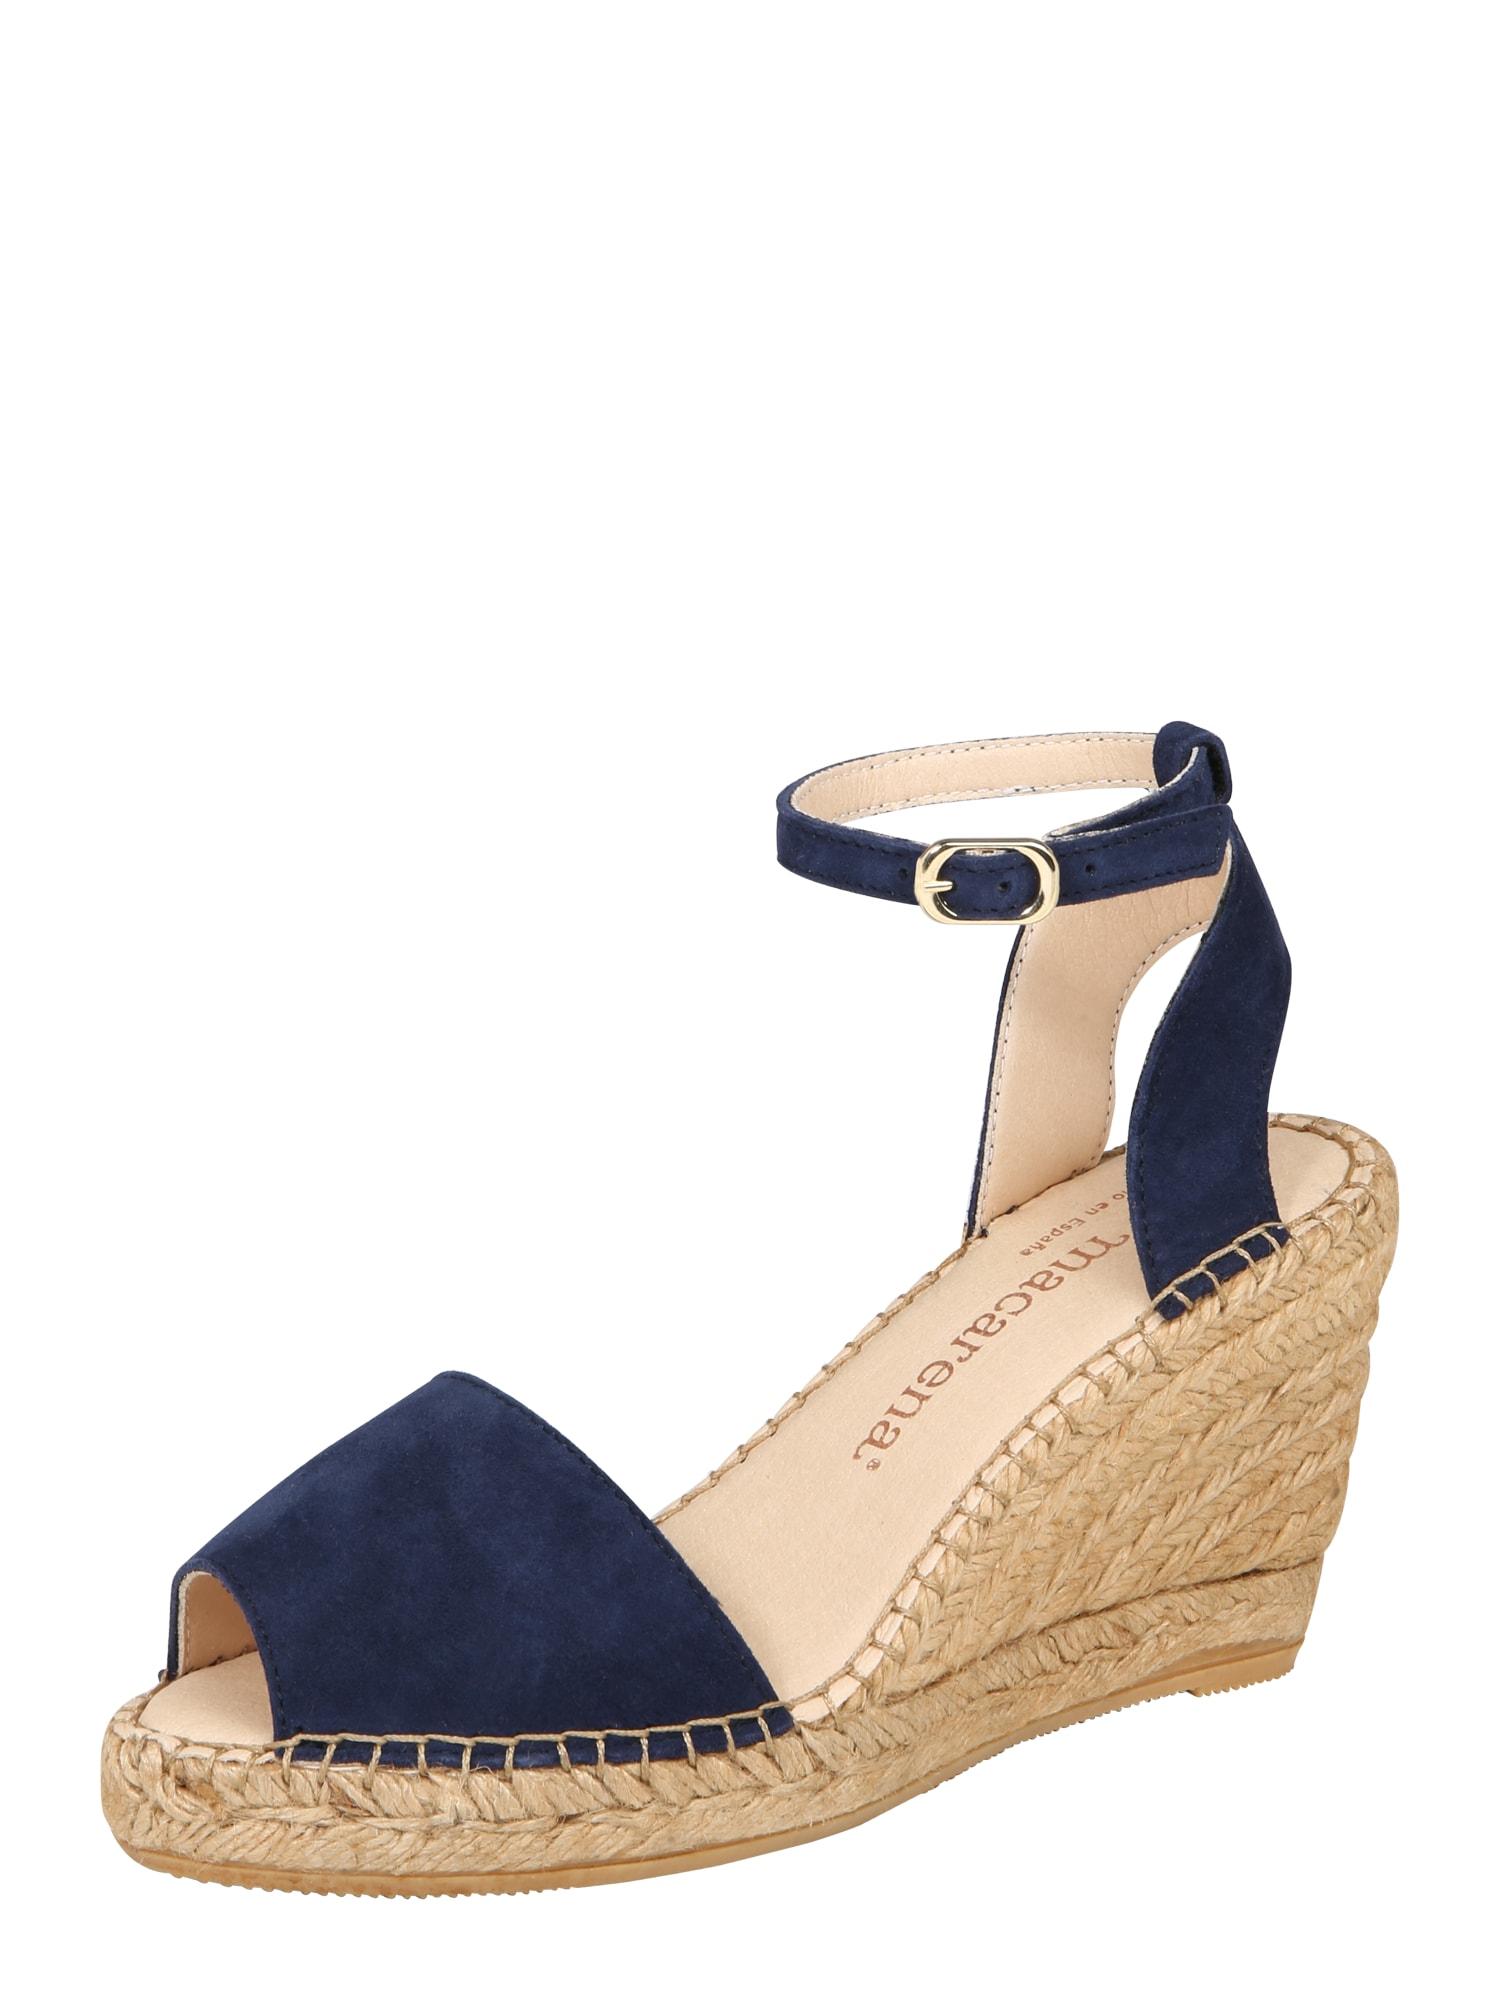 Páskové sandály Carla 92 marine modrá MACARENA